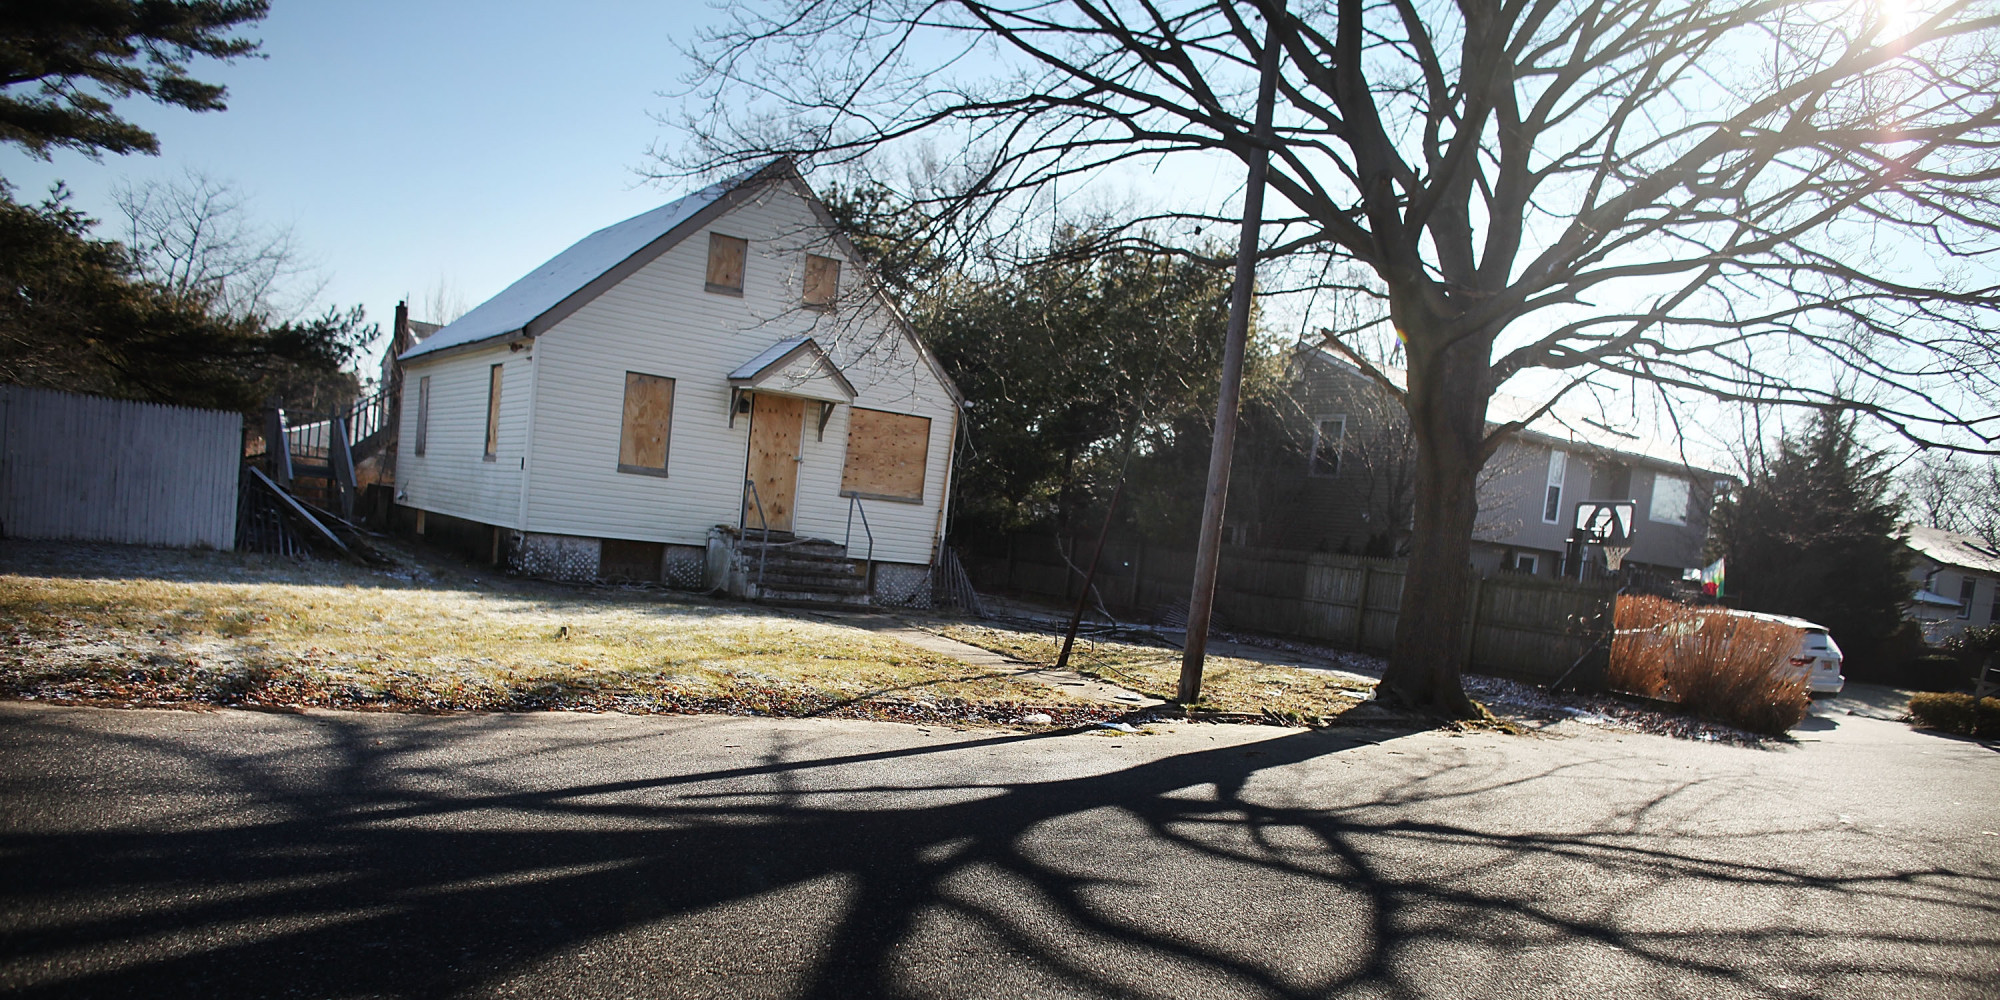 New York State Abandoned Property Neighborhood Relief Act Of